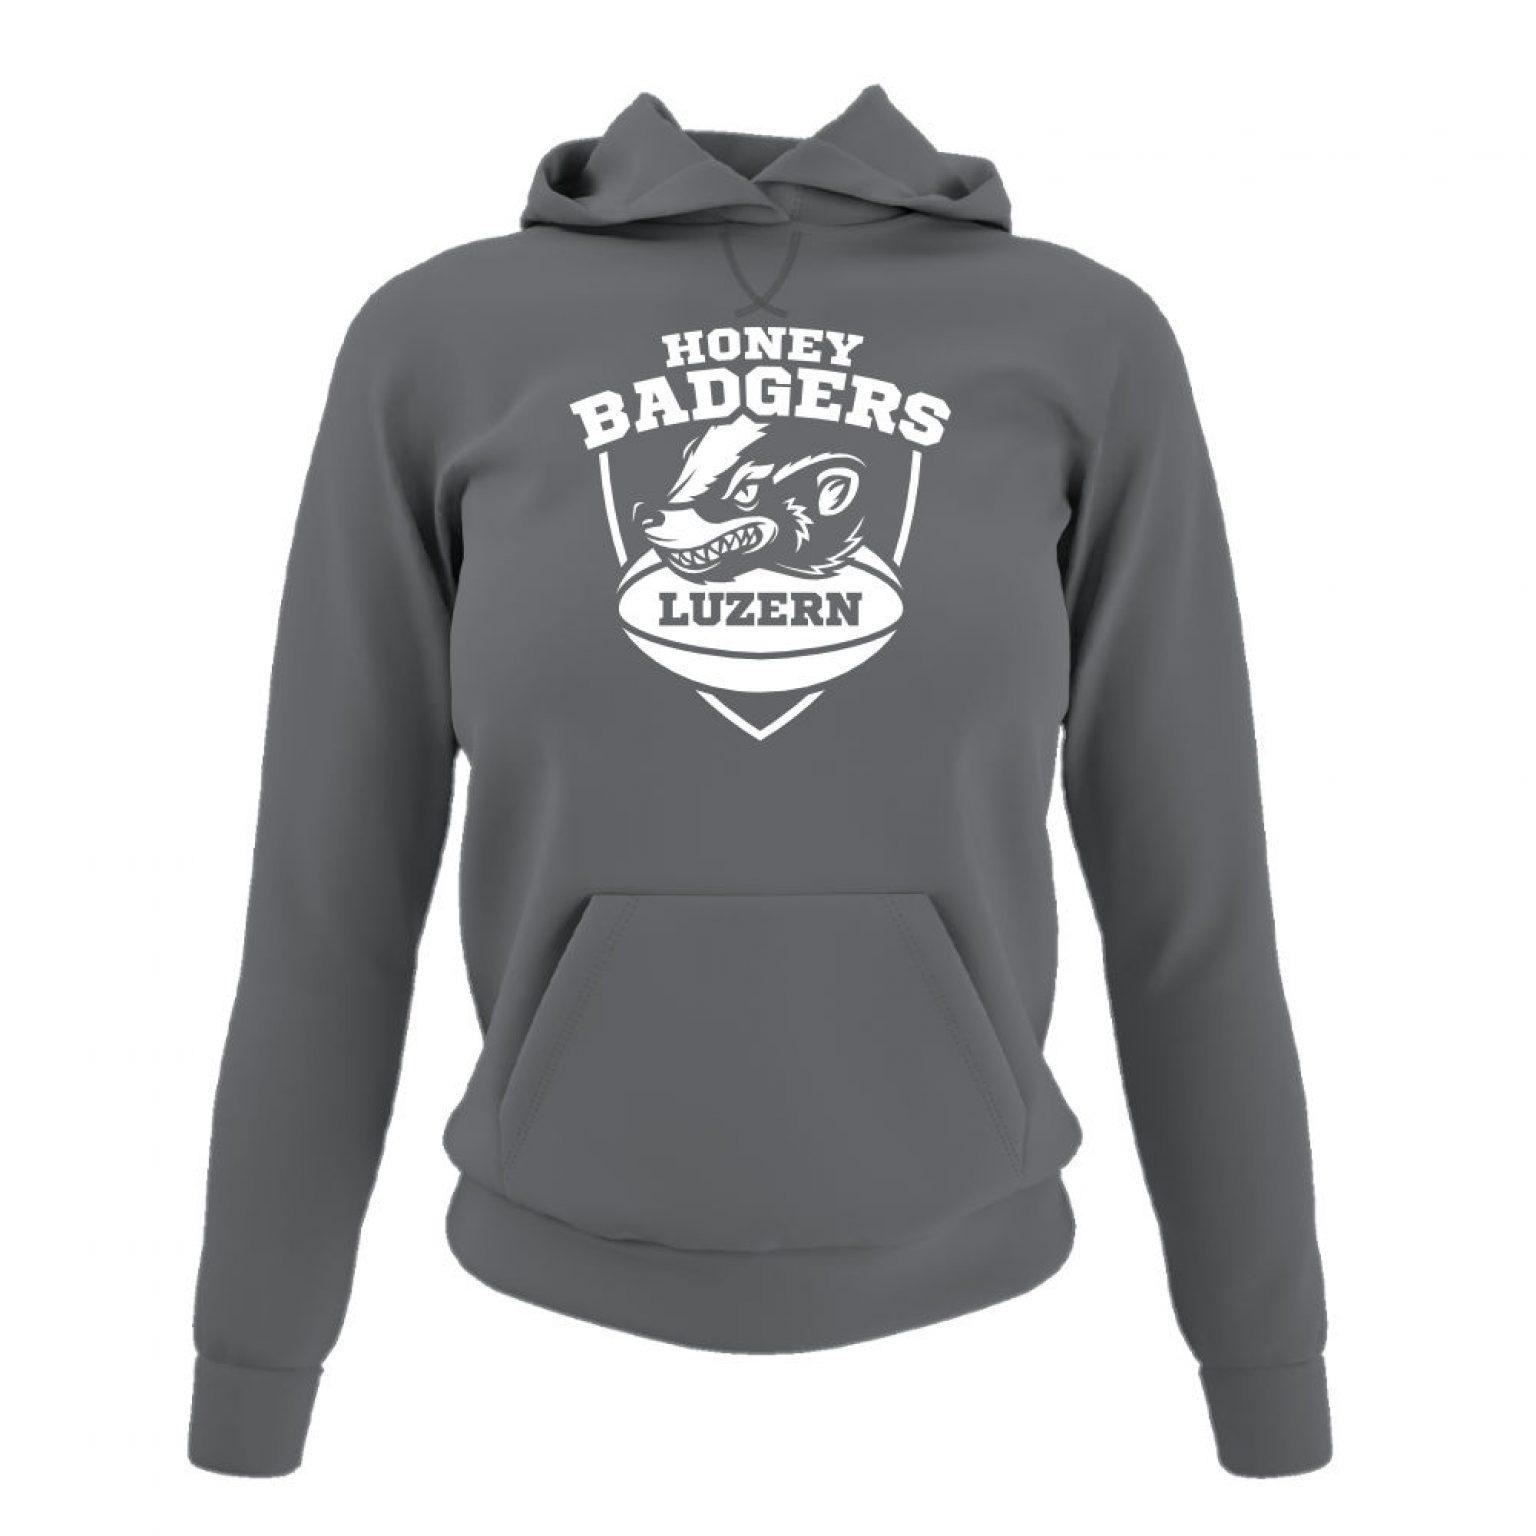 Honeybadgers hoodie damen grey